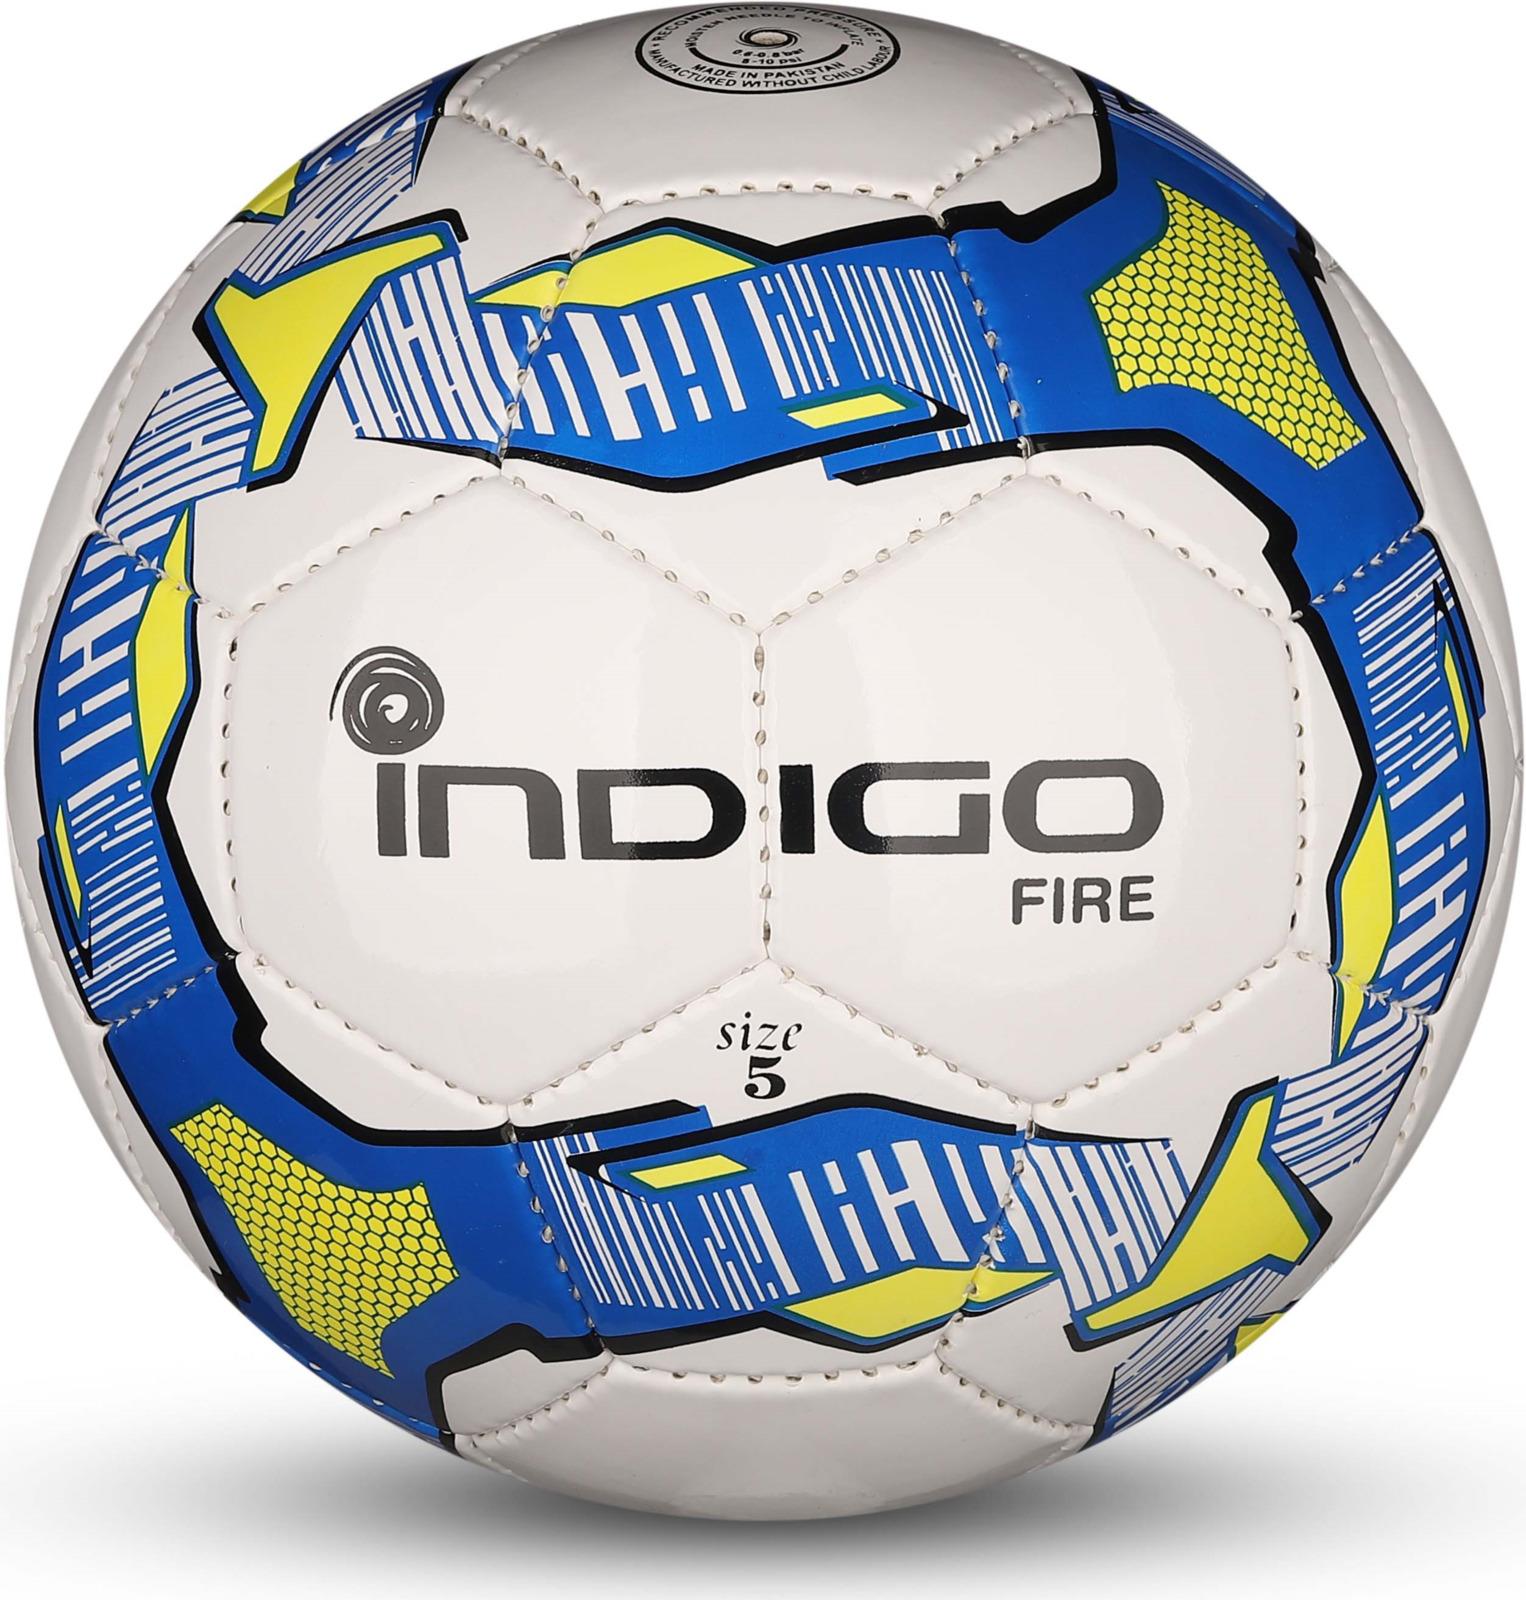 Мяч футбольный Indigo Fire, IN026, белый, синий, желтый, размер 5 мяч футбольный indigo rain in031 белый синий желтый размер 3